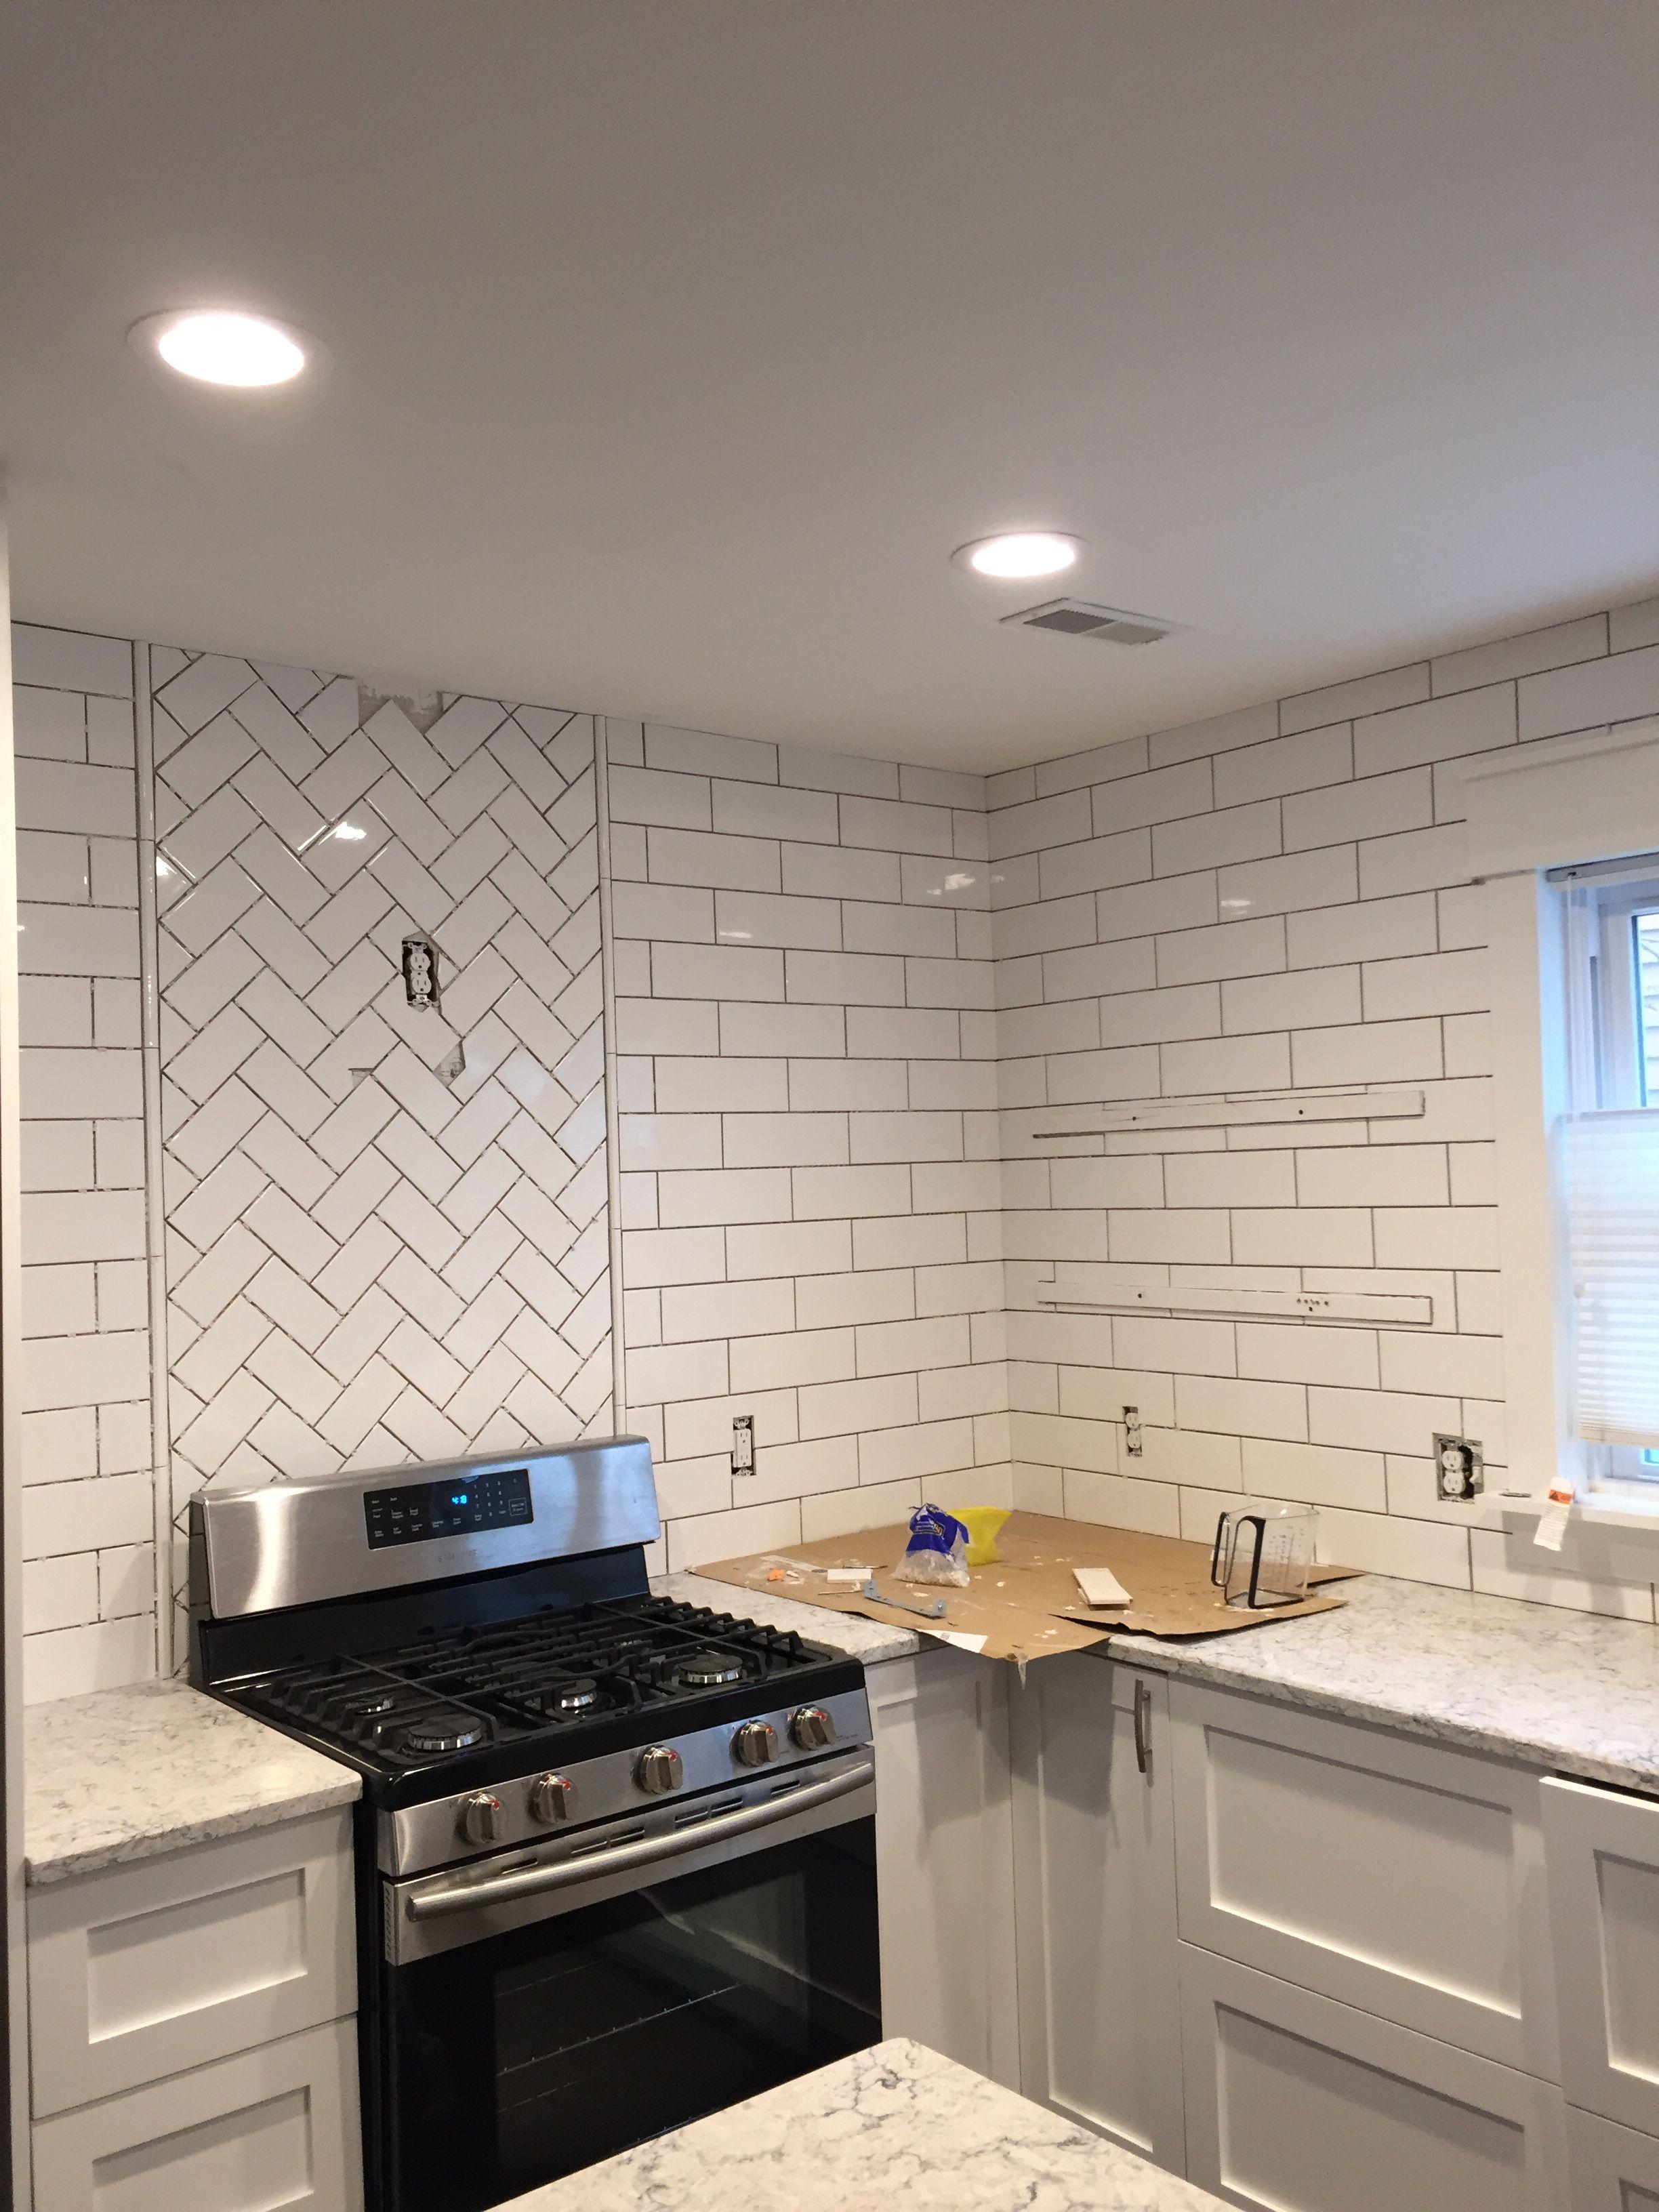 - Herringbone Accent Above Stove - In Process Stove Decor, Kitchen